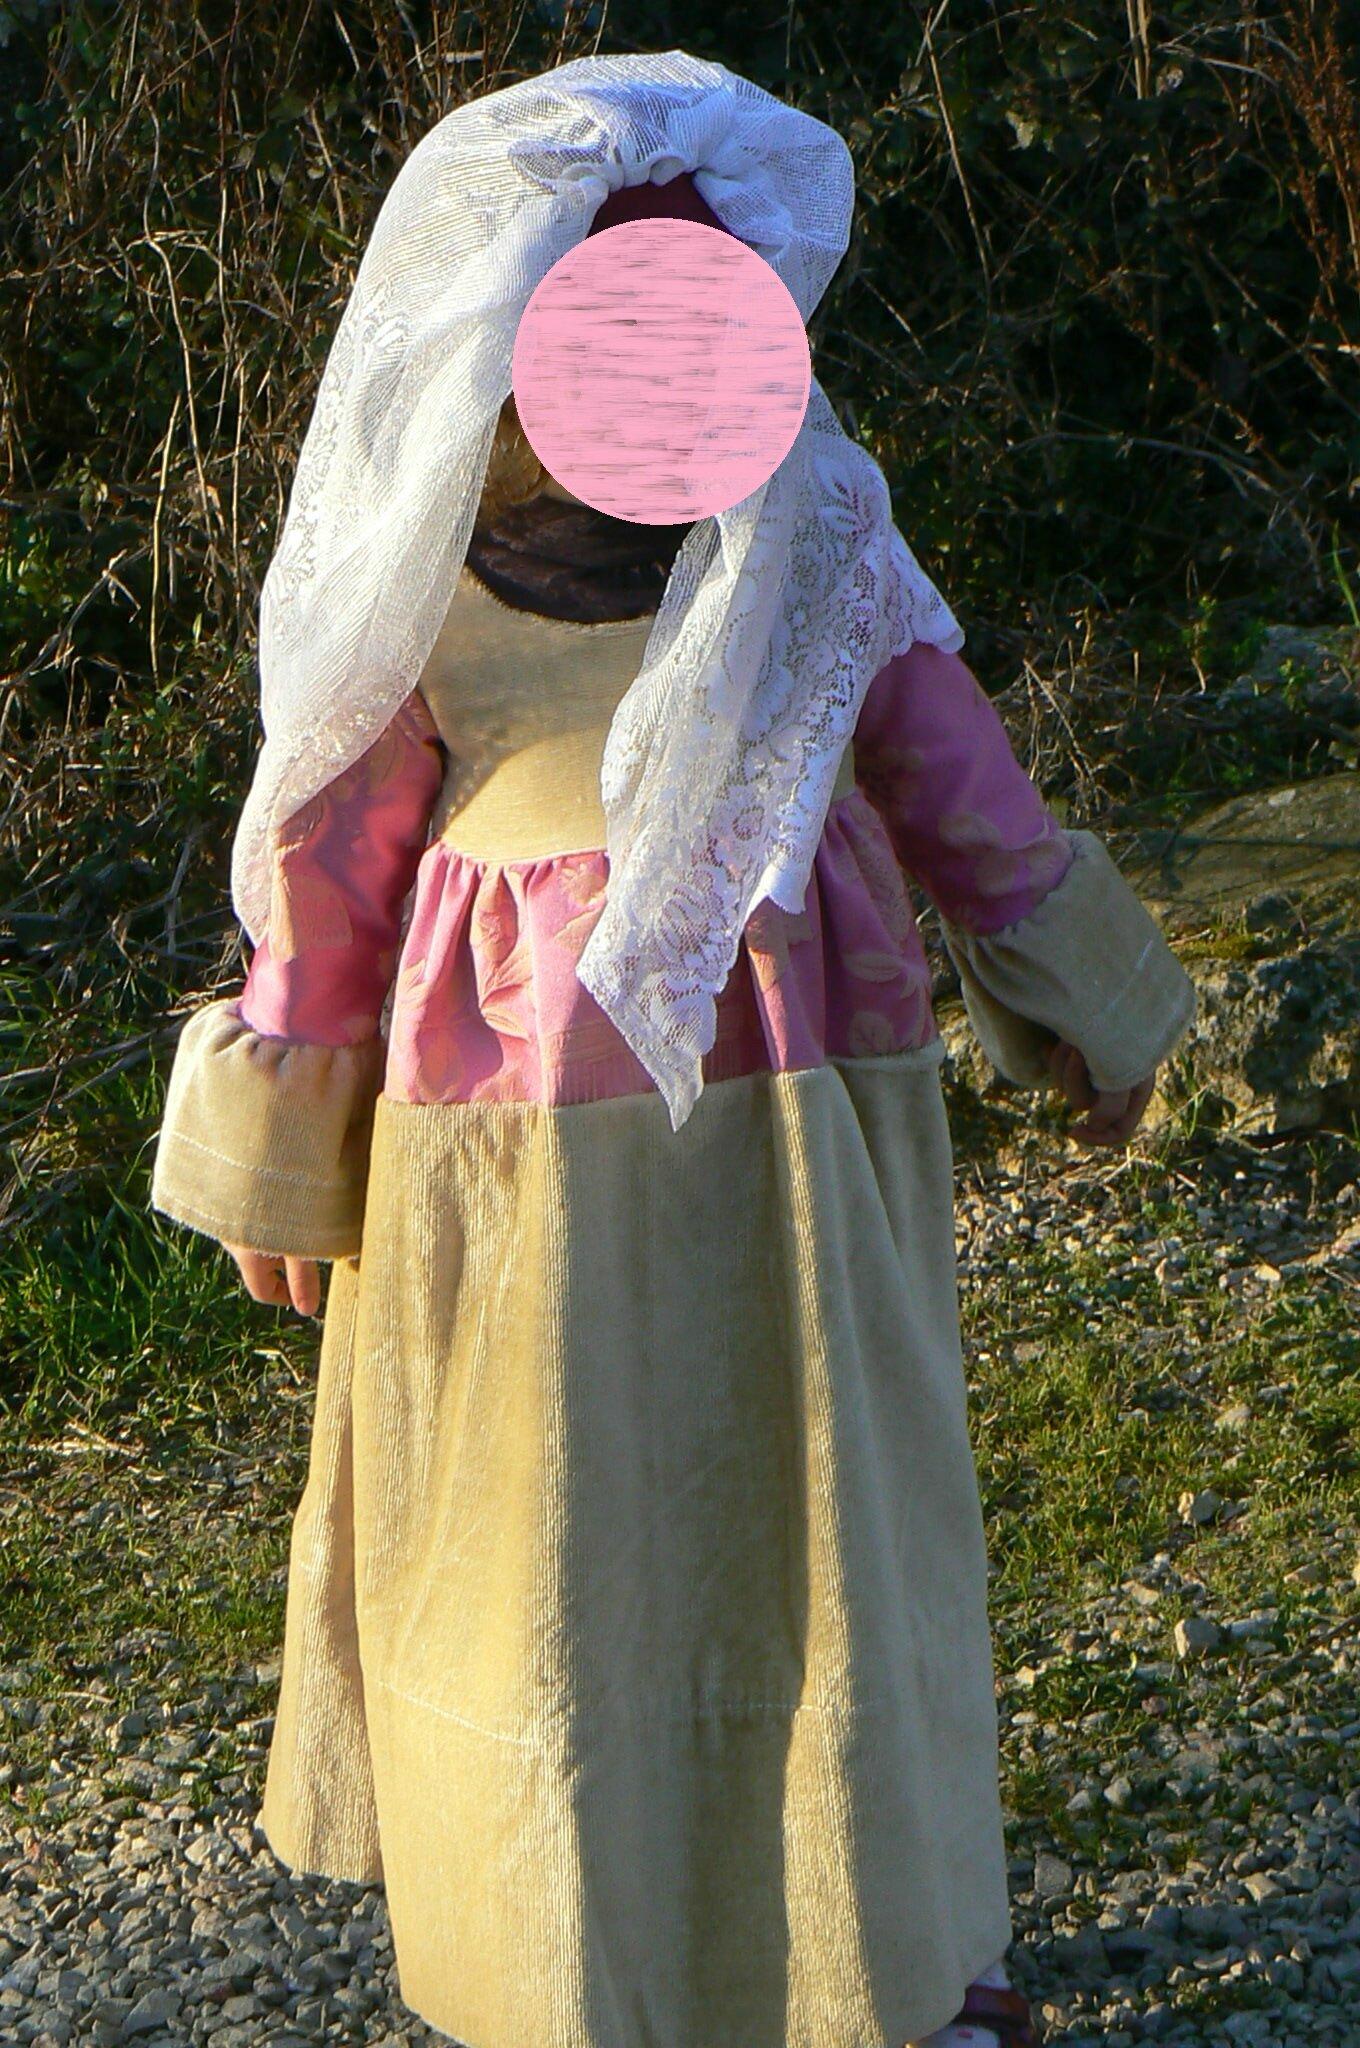 Rideaux Et Robe De Princesse